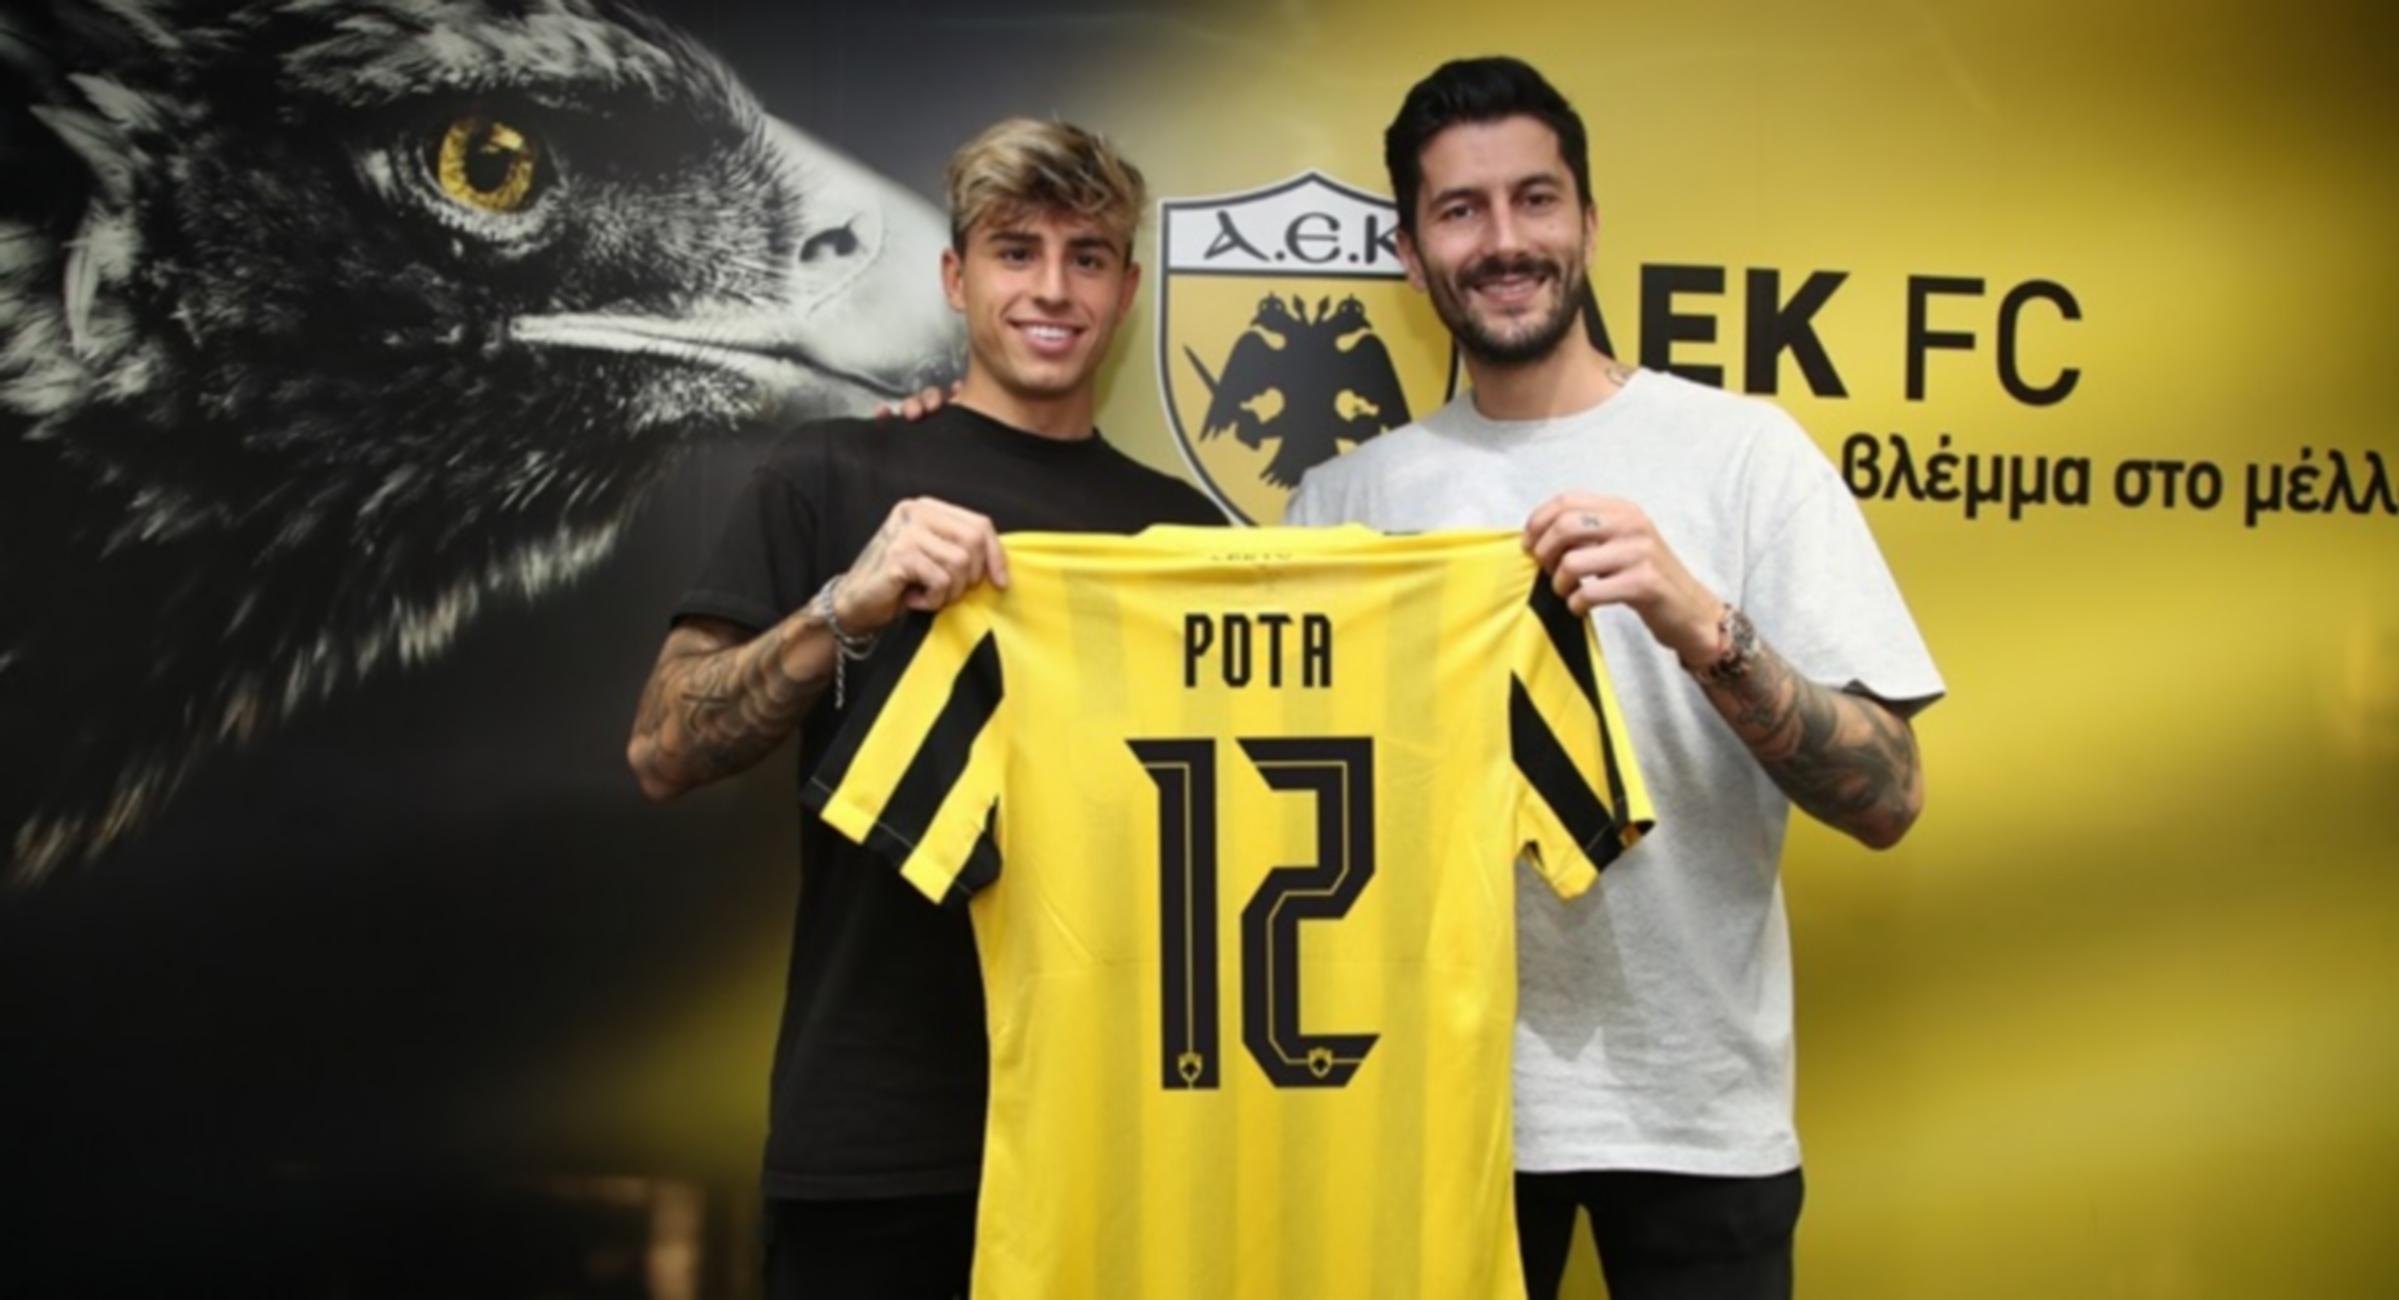 Η ΑΕΚ ανακοίνωσε την απόκτηση του Λάζαρου Ρότα